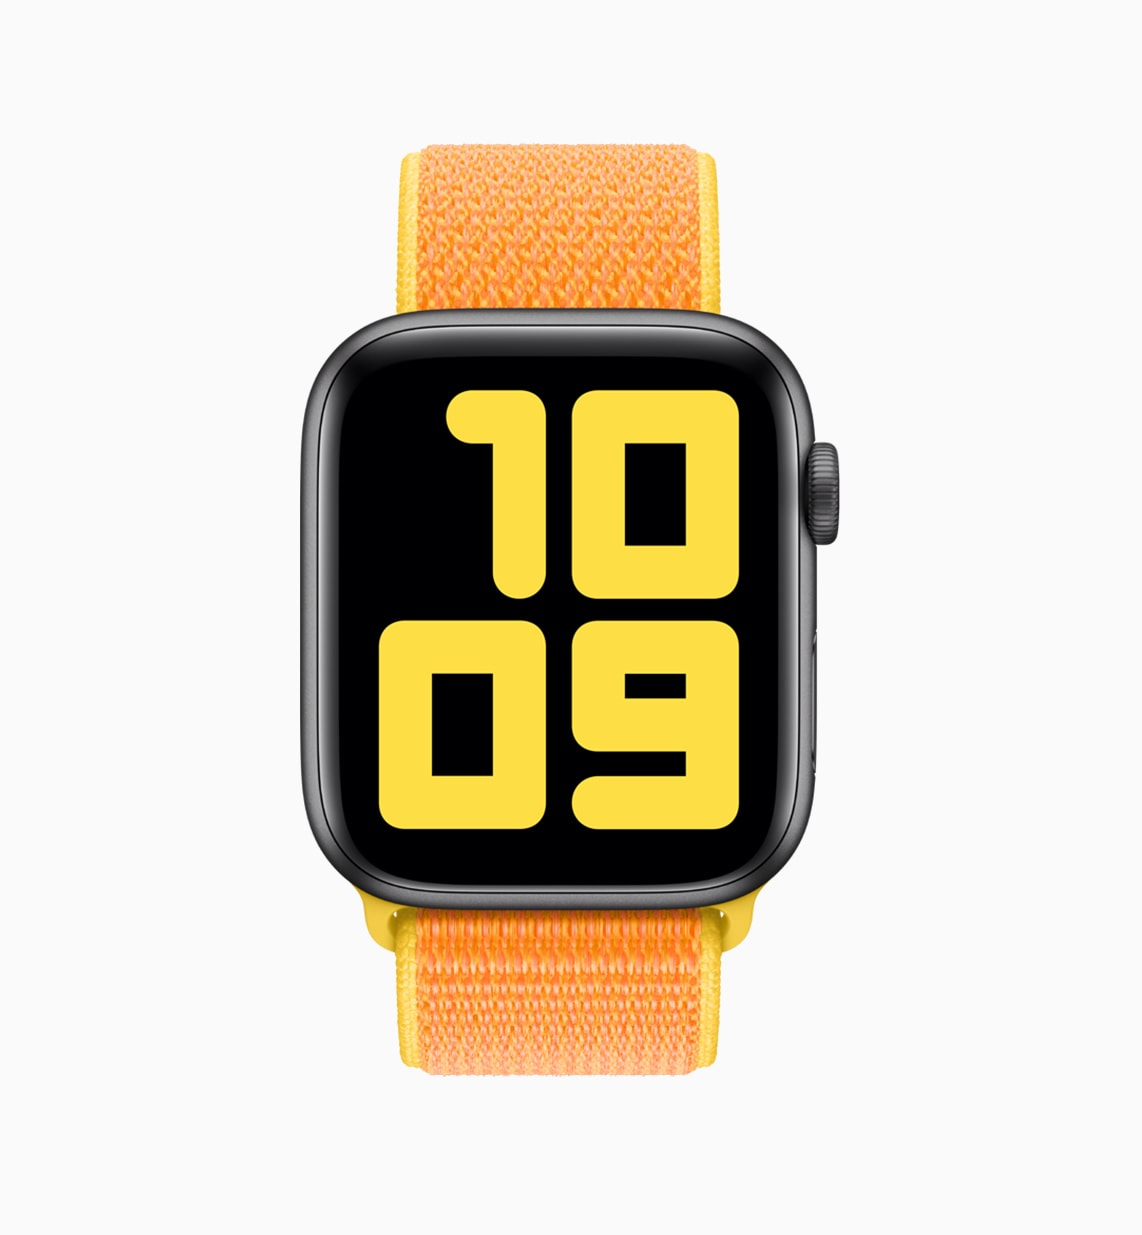 Novo mostrador do watchOS 6